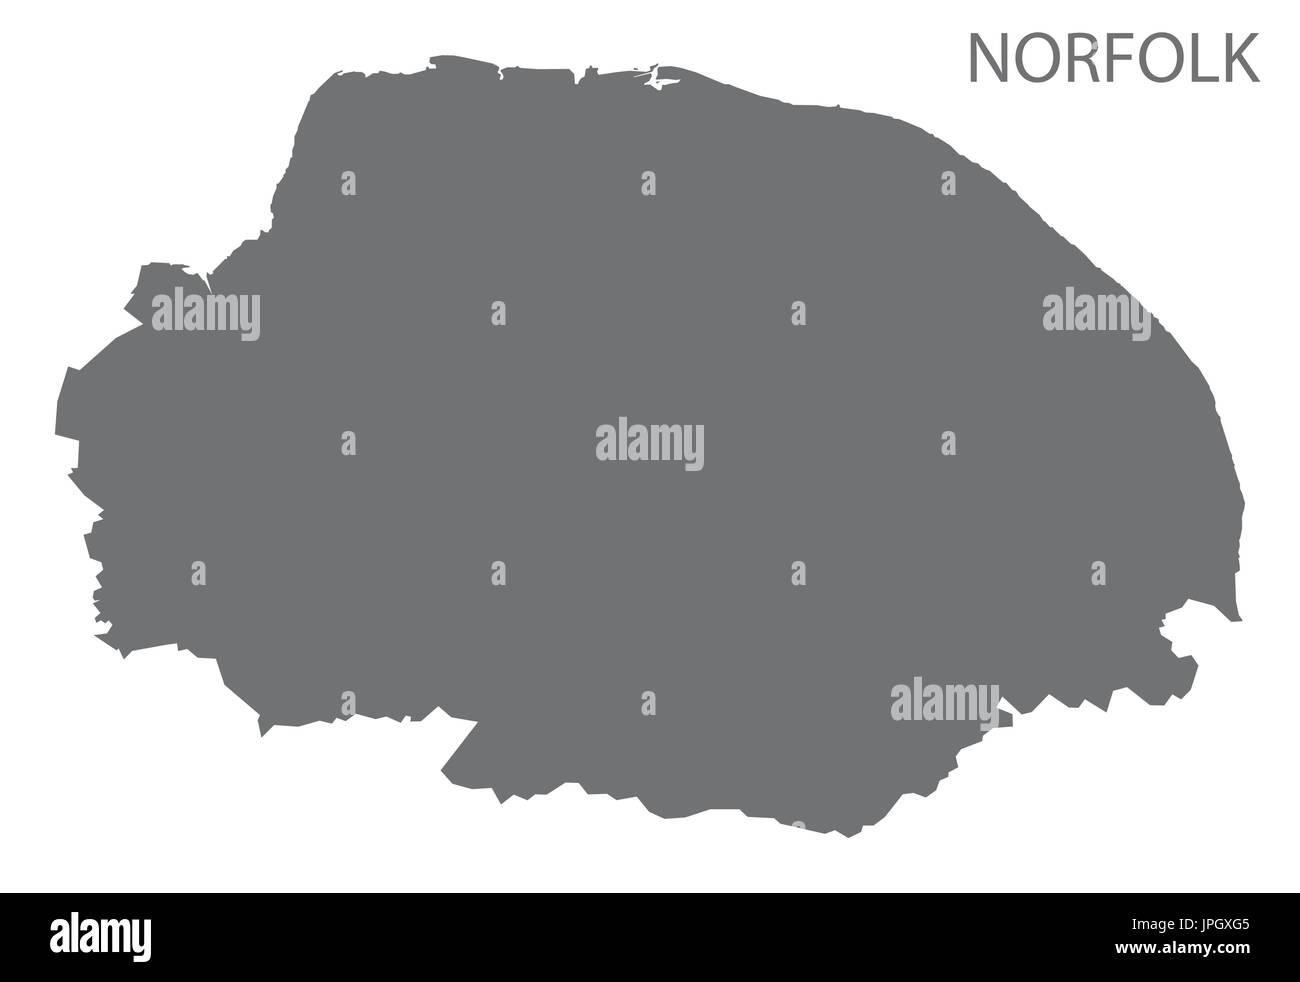 Carte Norfolk Angleterre.Carte Du Comte De Norfolk England Uk Gris Illustration Forme